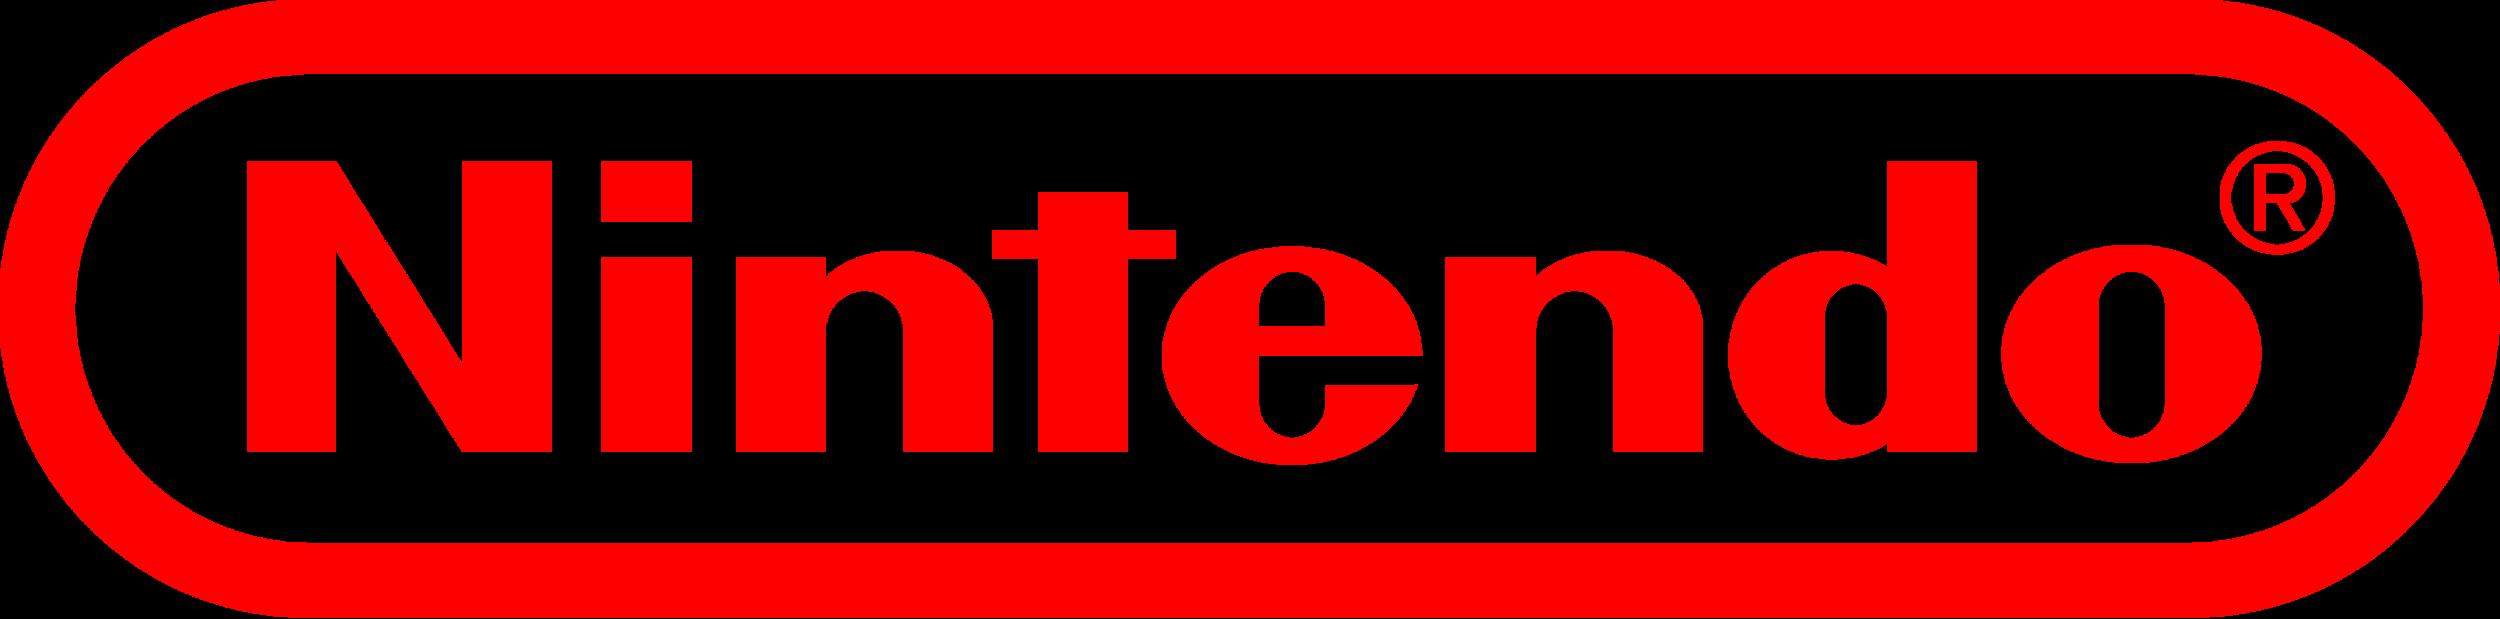 Nintendo_logo-5.png